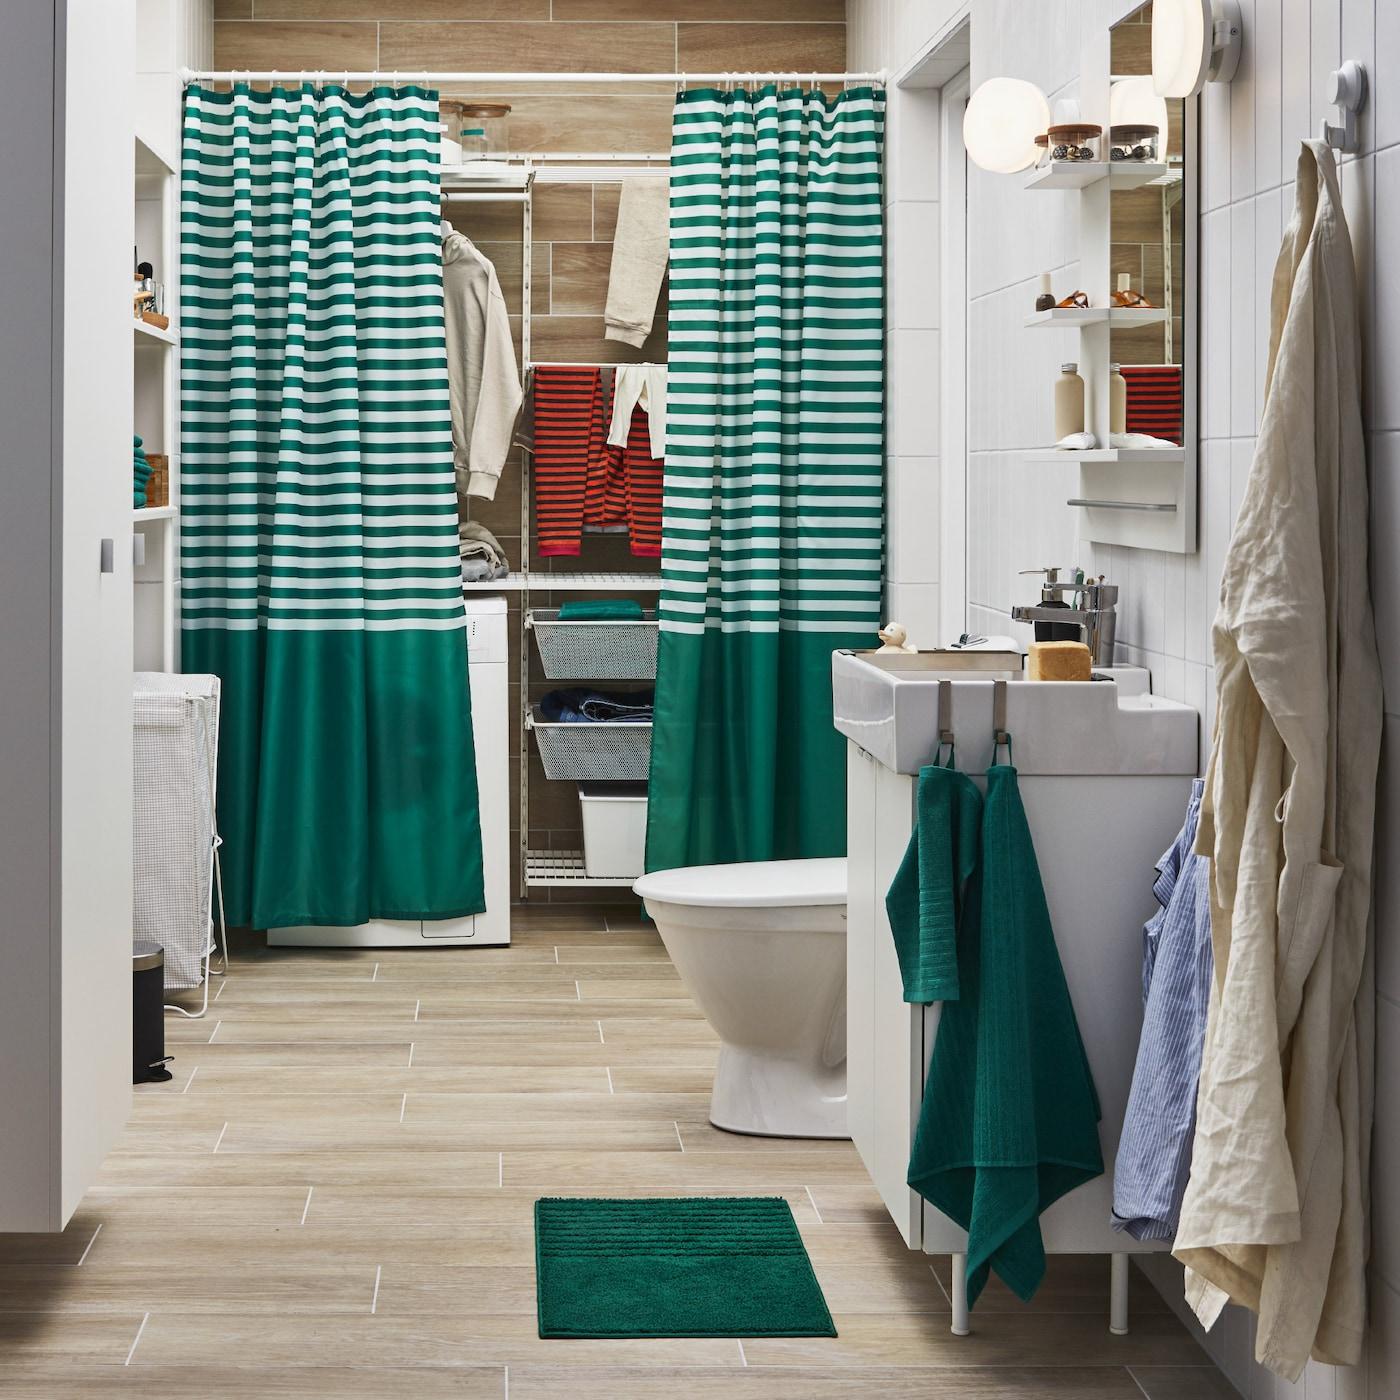 Badeværelse med et vasketøjsområde, der er delvis skjult bag stribede badeforhæng, et hvidt skab med vask og grønne håndklæder.